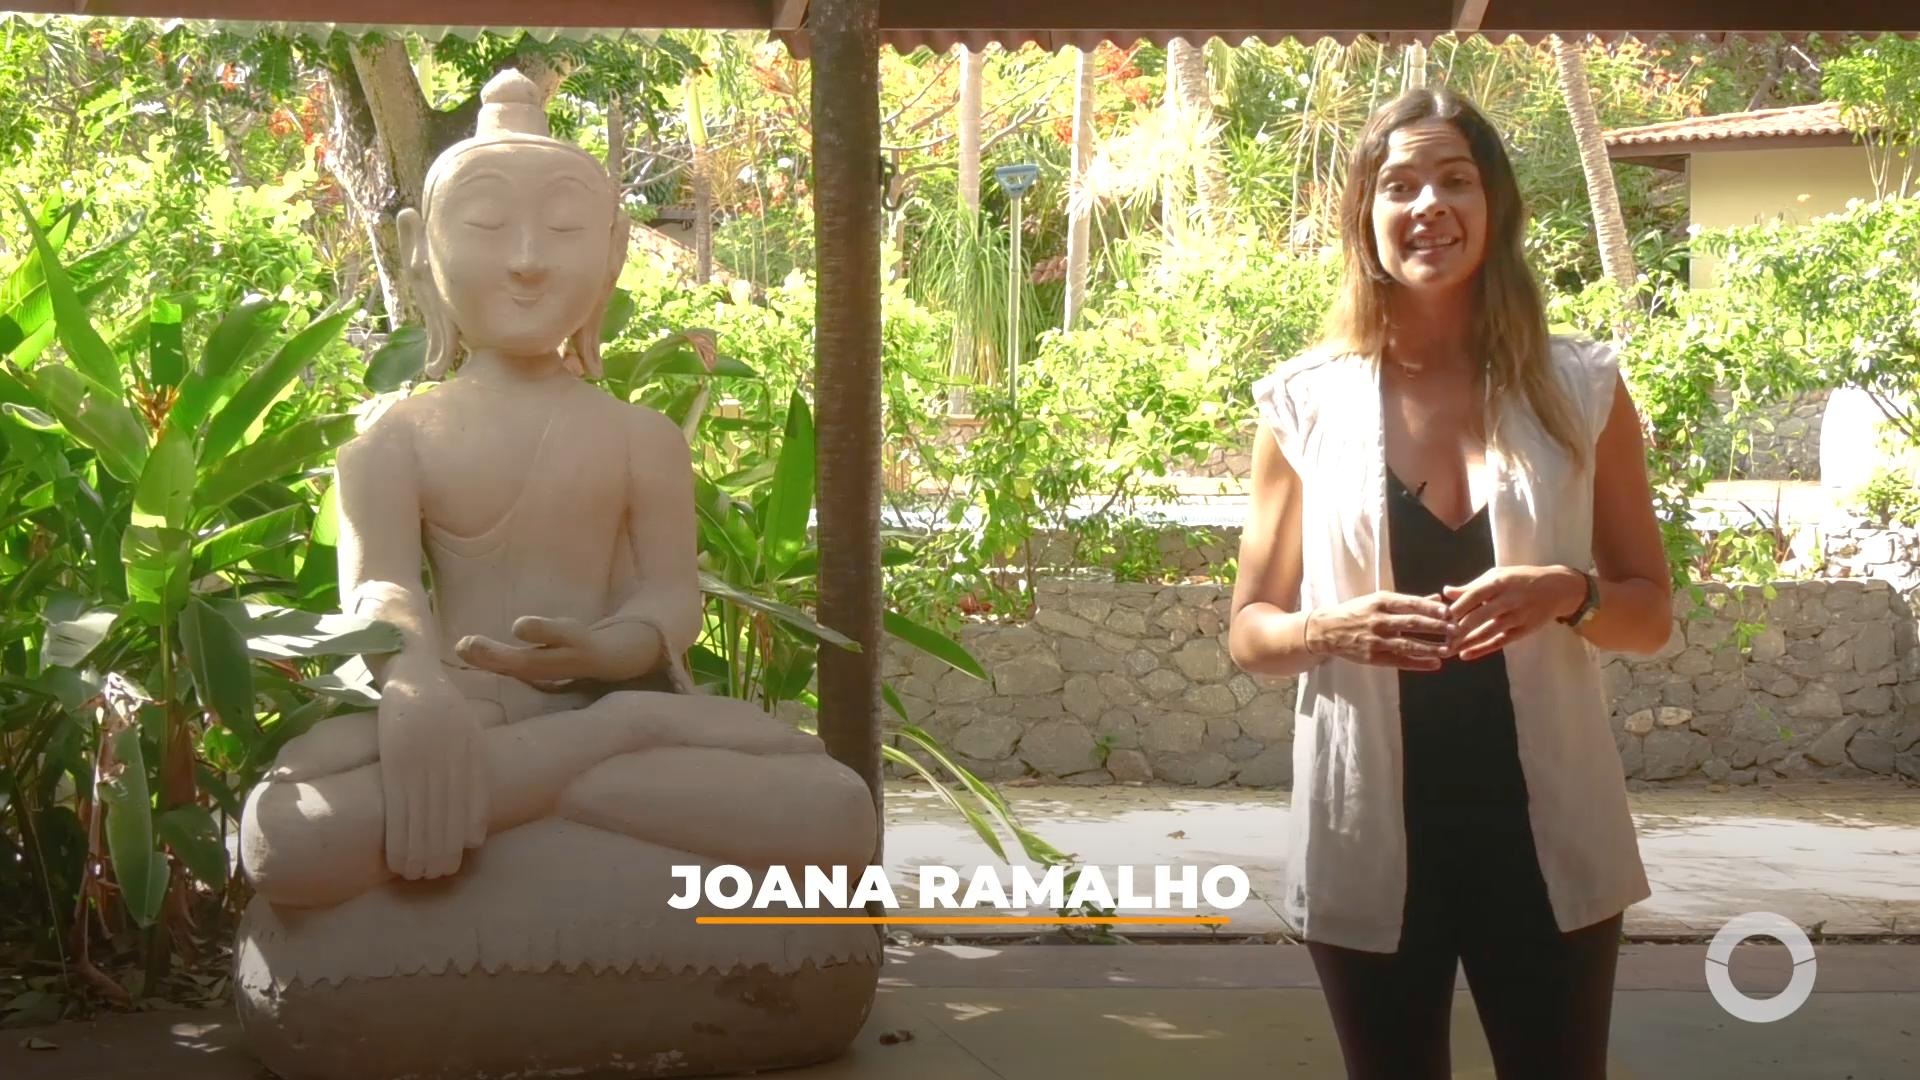 Costume Saudável – Joana Ramalho experimenta meditação no Osheanic em Aquiraz